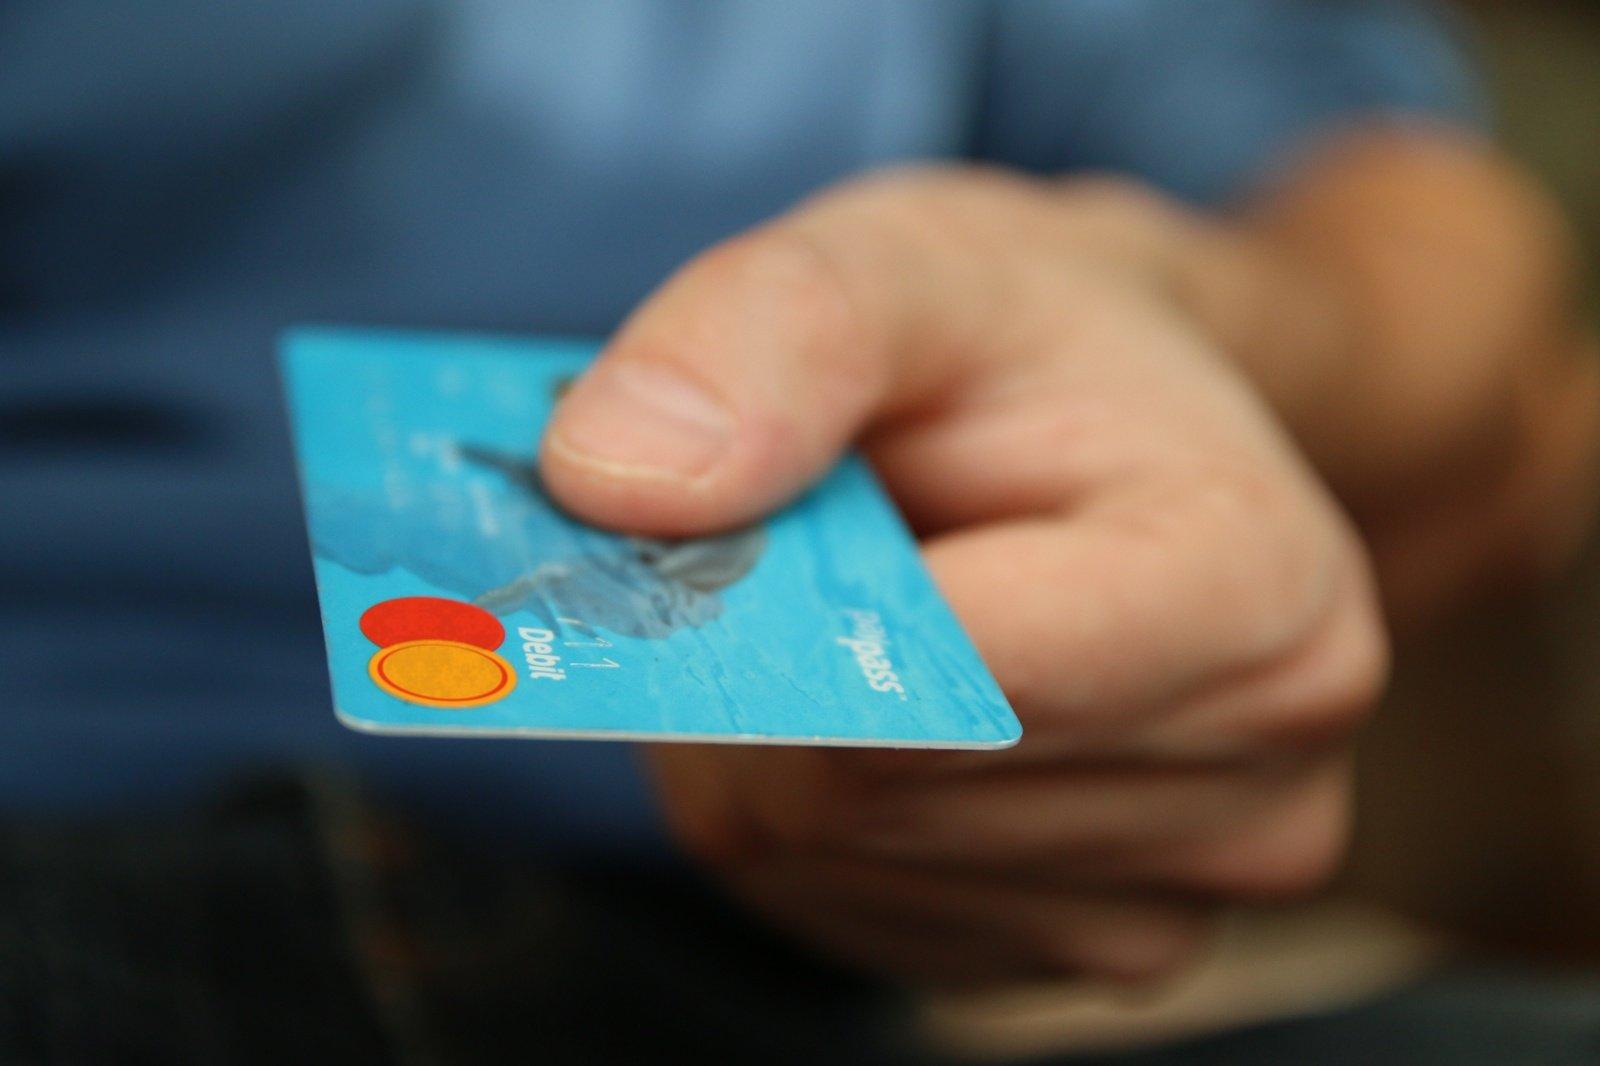 Šiaulių rajone socialinės darbuotojos pasinaudojo vyro banko kortele ir pasisavino 700 eurų